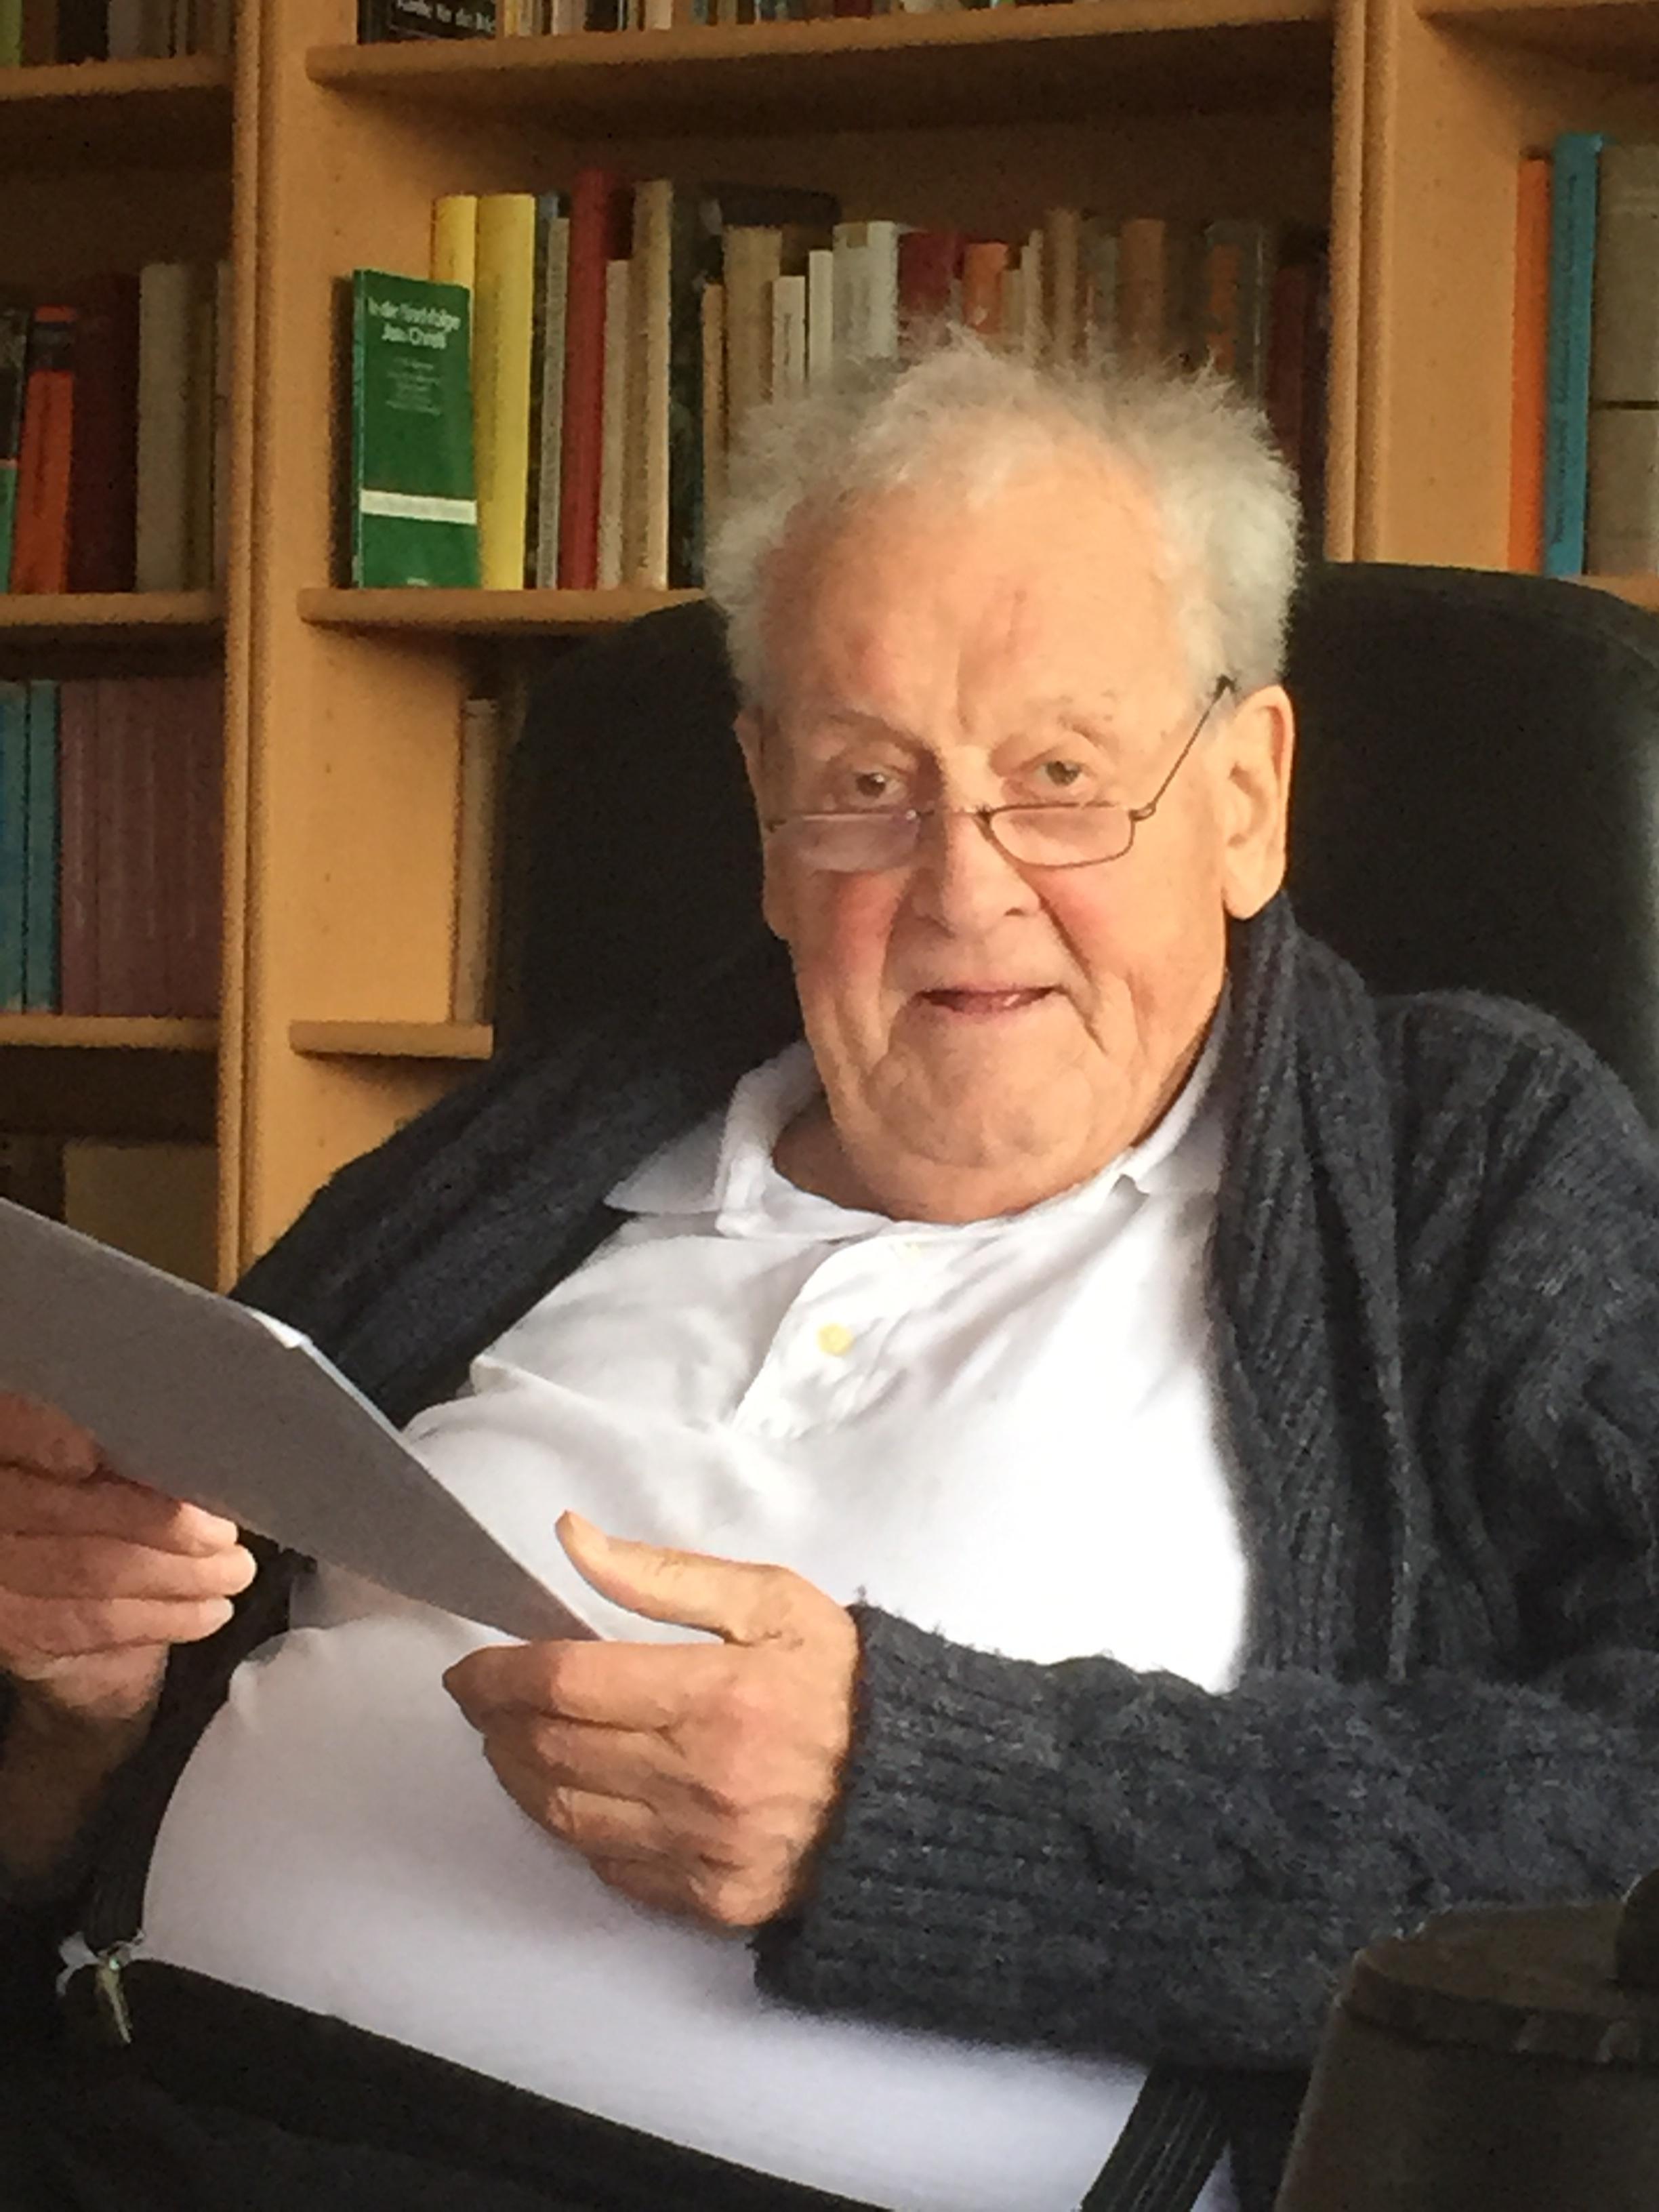 Po -Ein Gottesmann mit Leib und Seele: Pfarrer Heribert Brodmann.